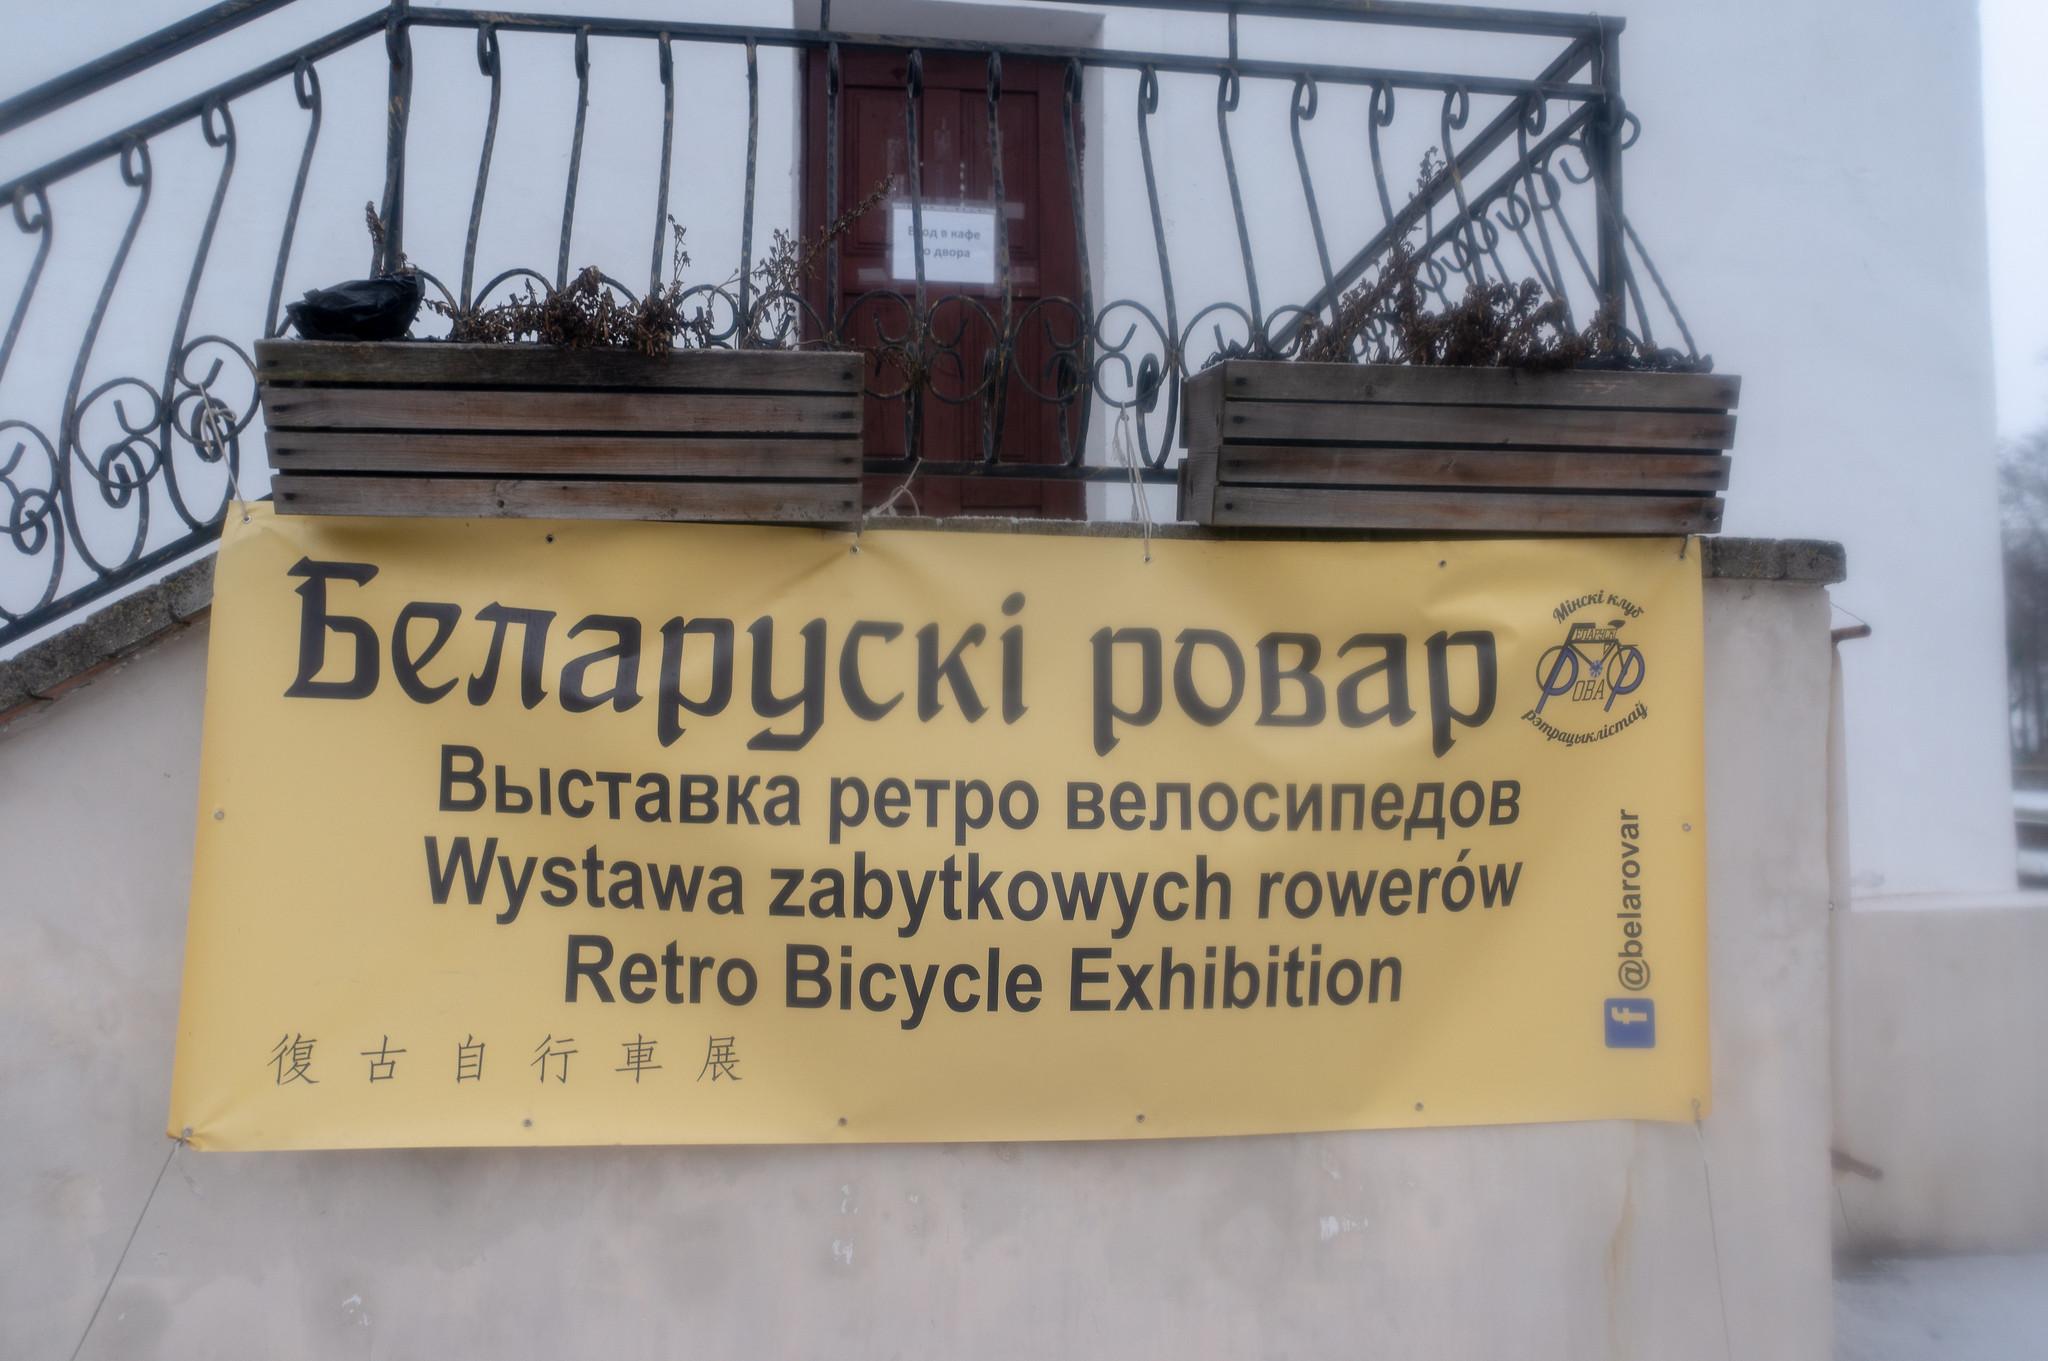 Беларускі ровар. Выставка ретровелосипедов